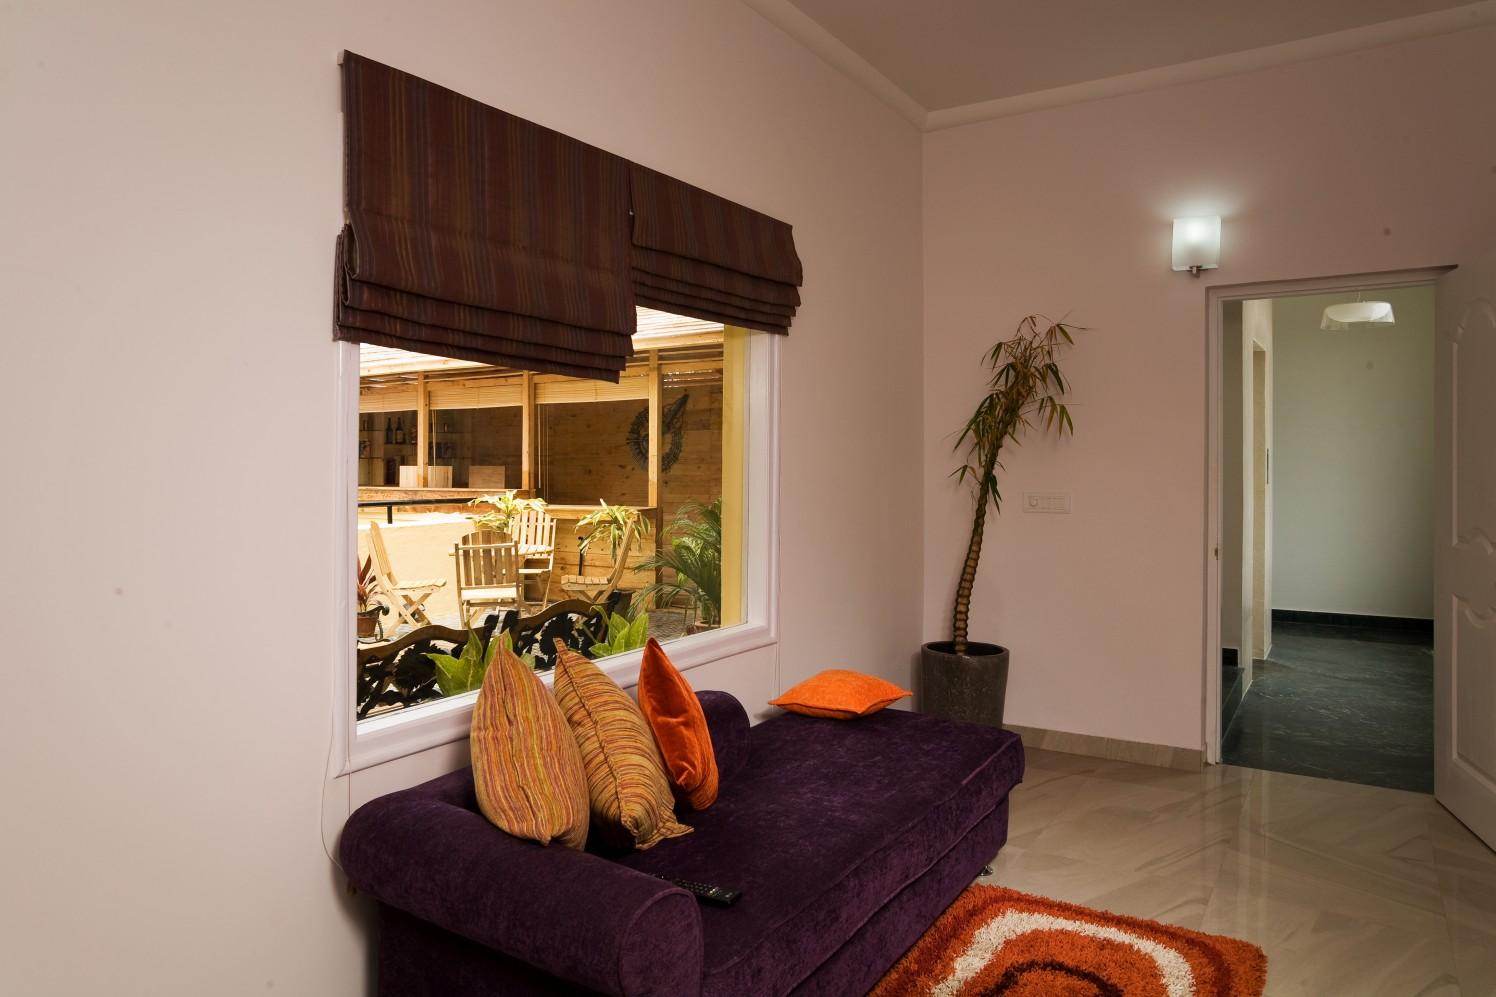 Sofa Set by Kaiadesigns Living-room Contemporary | Interior Design Photos & Ideas